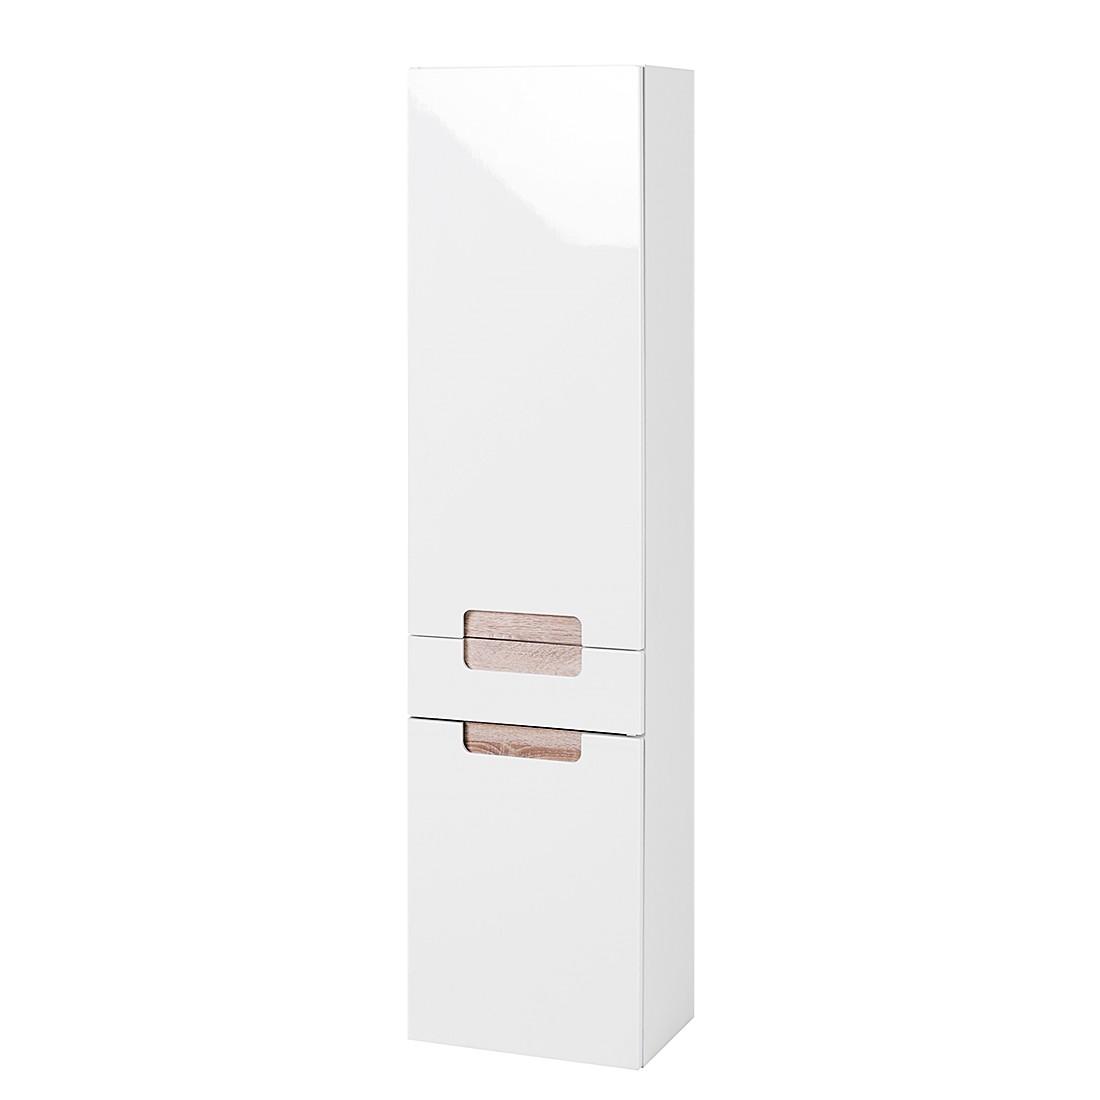 Hochschrank Laris – Hochglanz Weiß/Eiche Sonoma Dekor, Giessbach günstig online kaufen